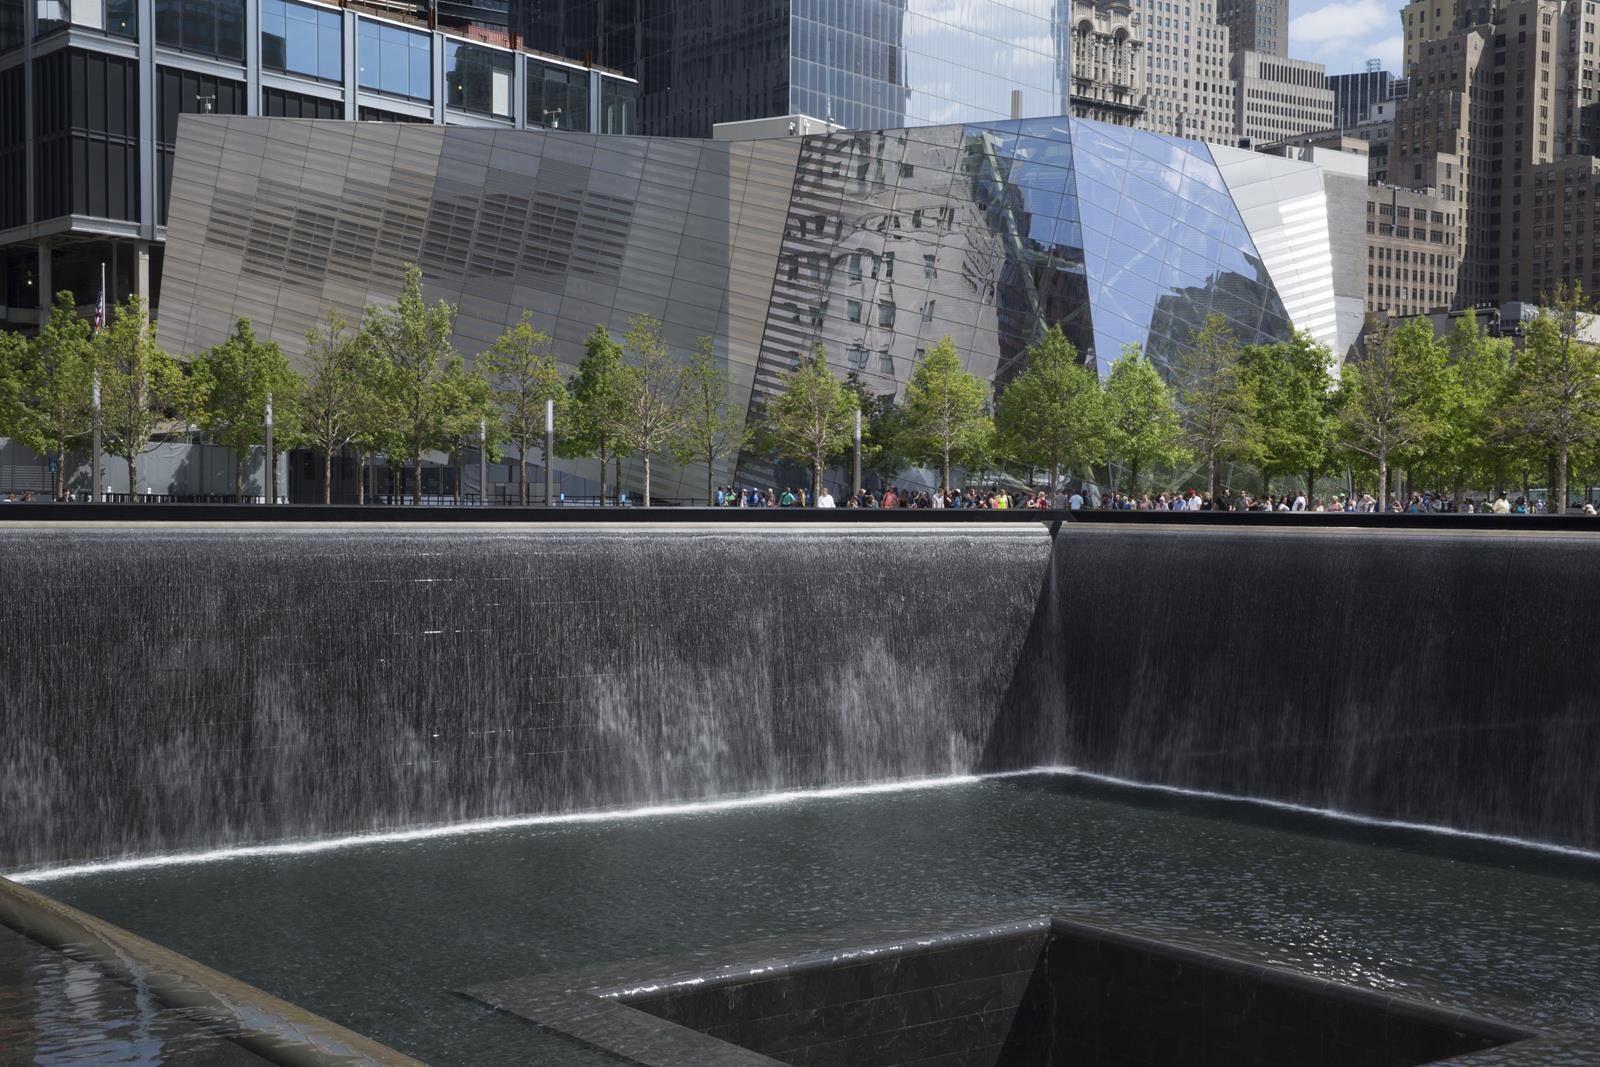 911Memorial&Museum-memorial-JinLee